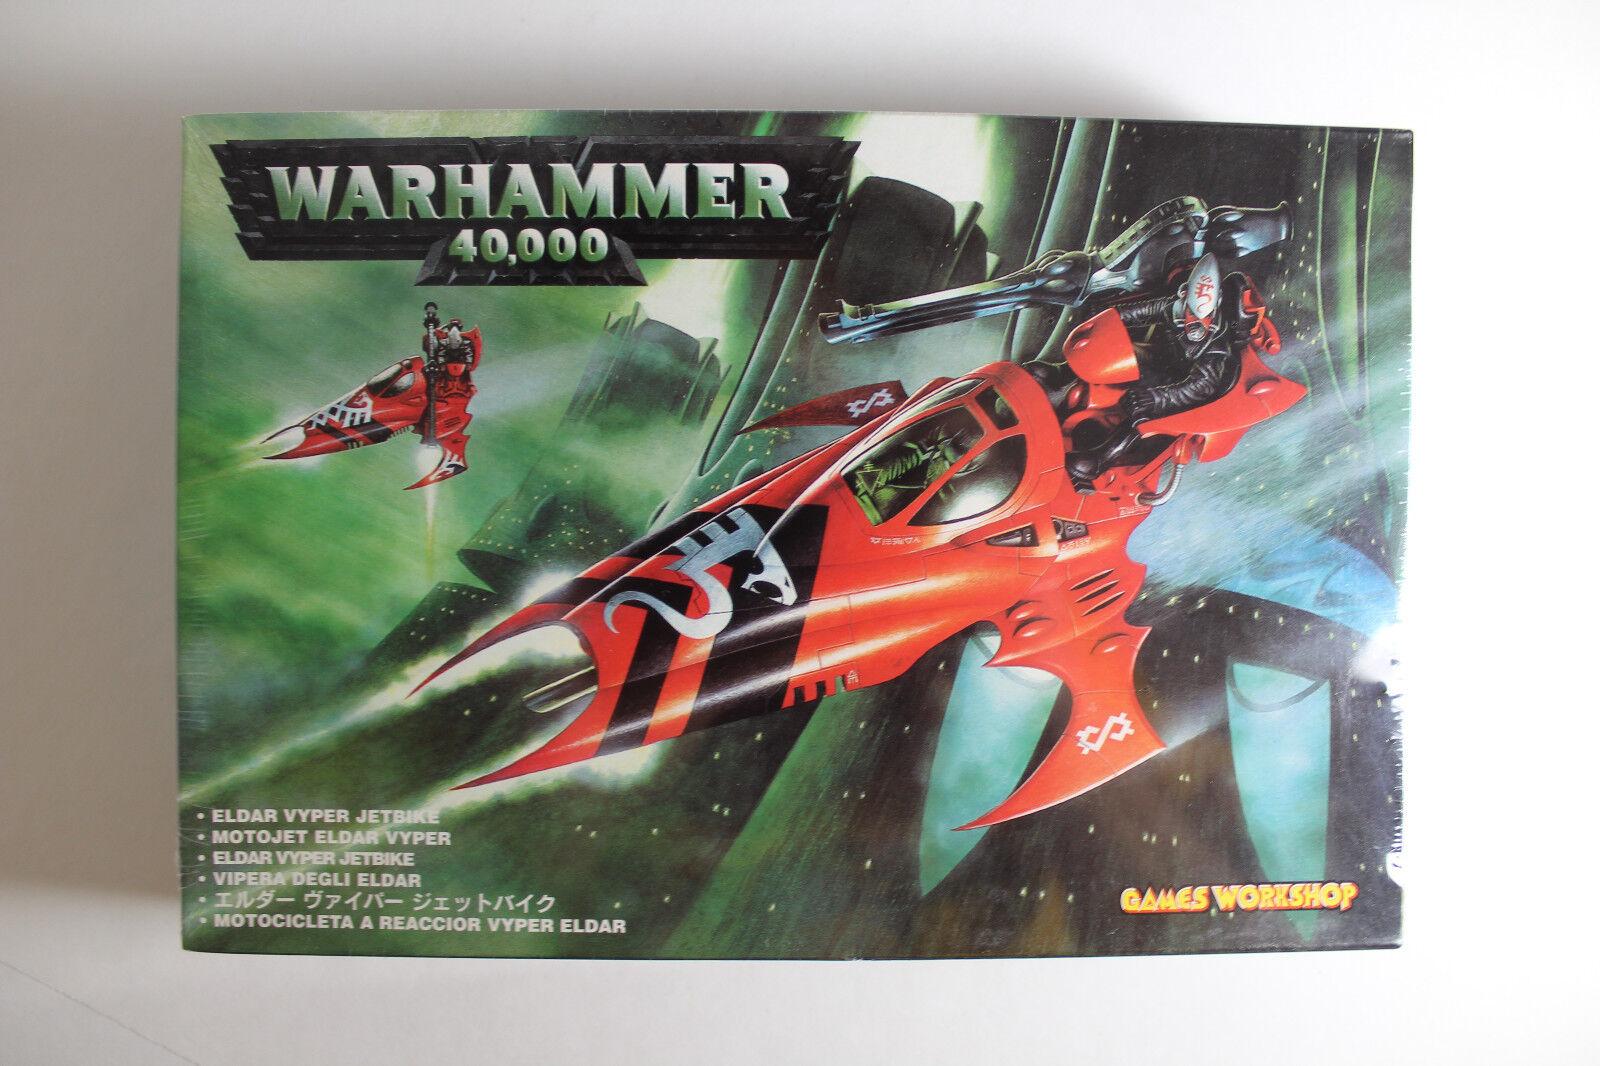 Warhammer 40k - eldar  vyper jetbike - neue - in versiegelten kiste - selten - made in uk